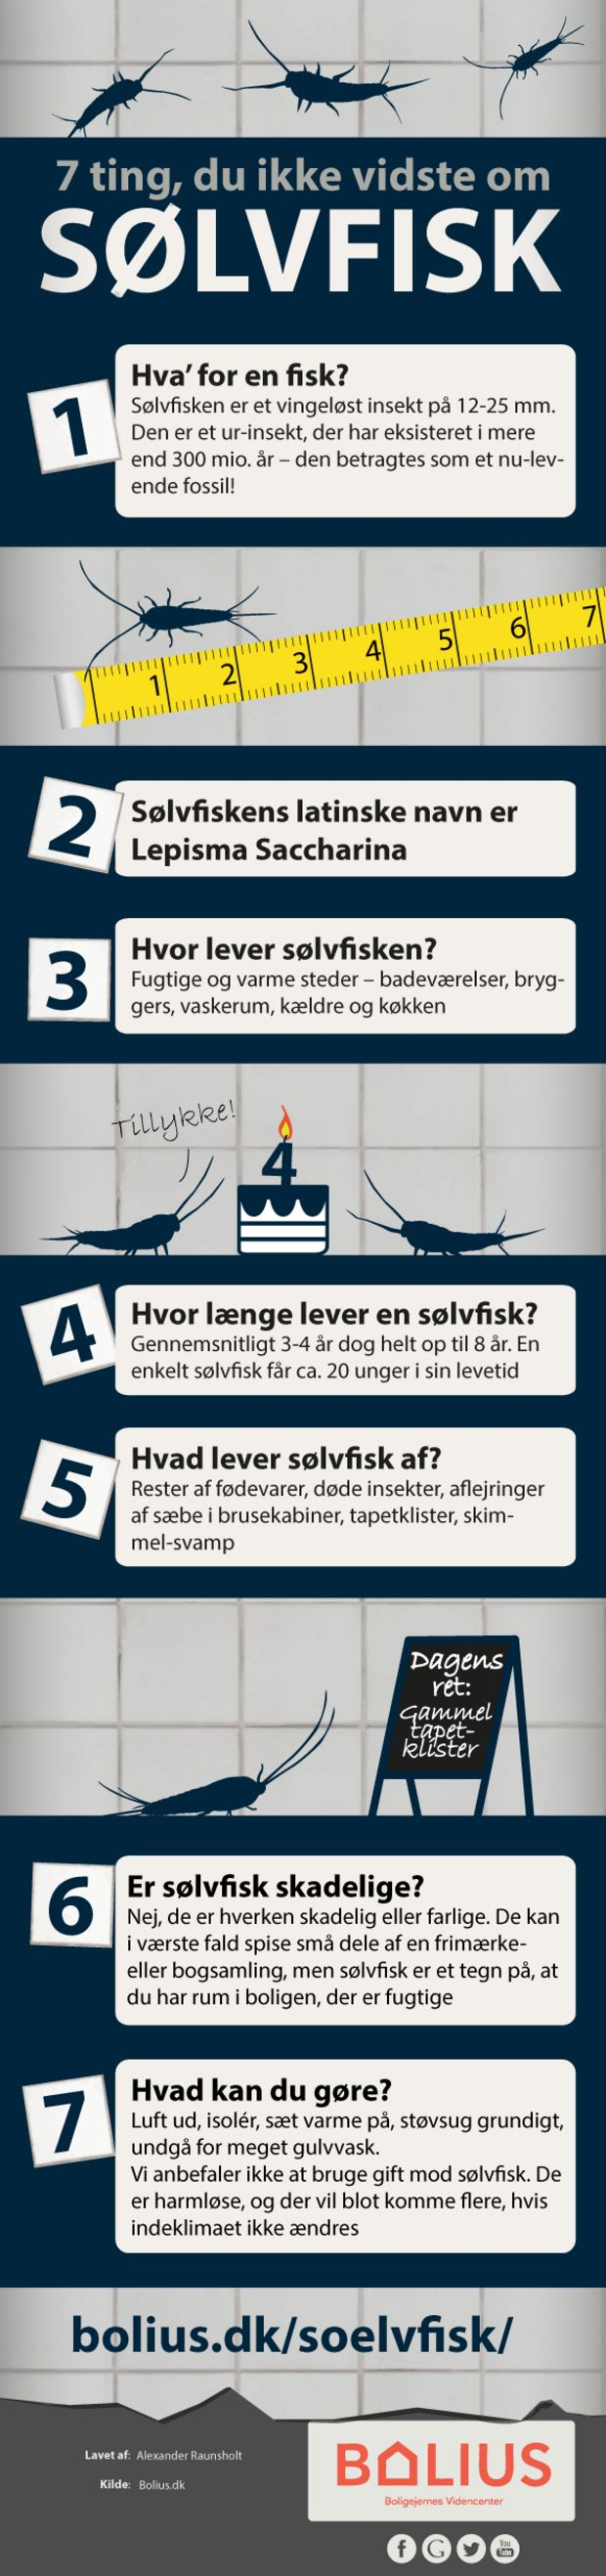 Infografik: Sølvfisk